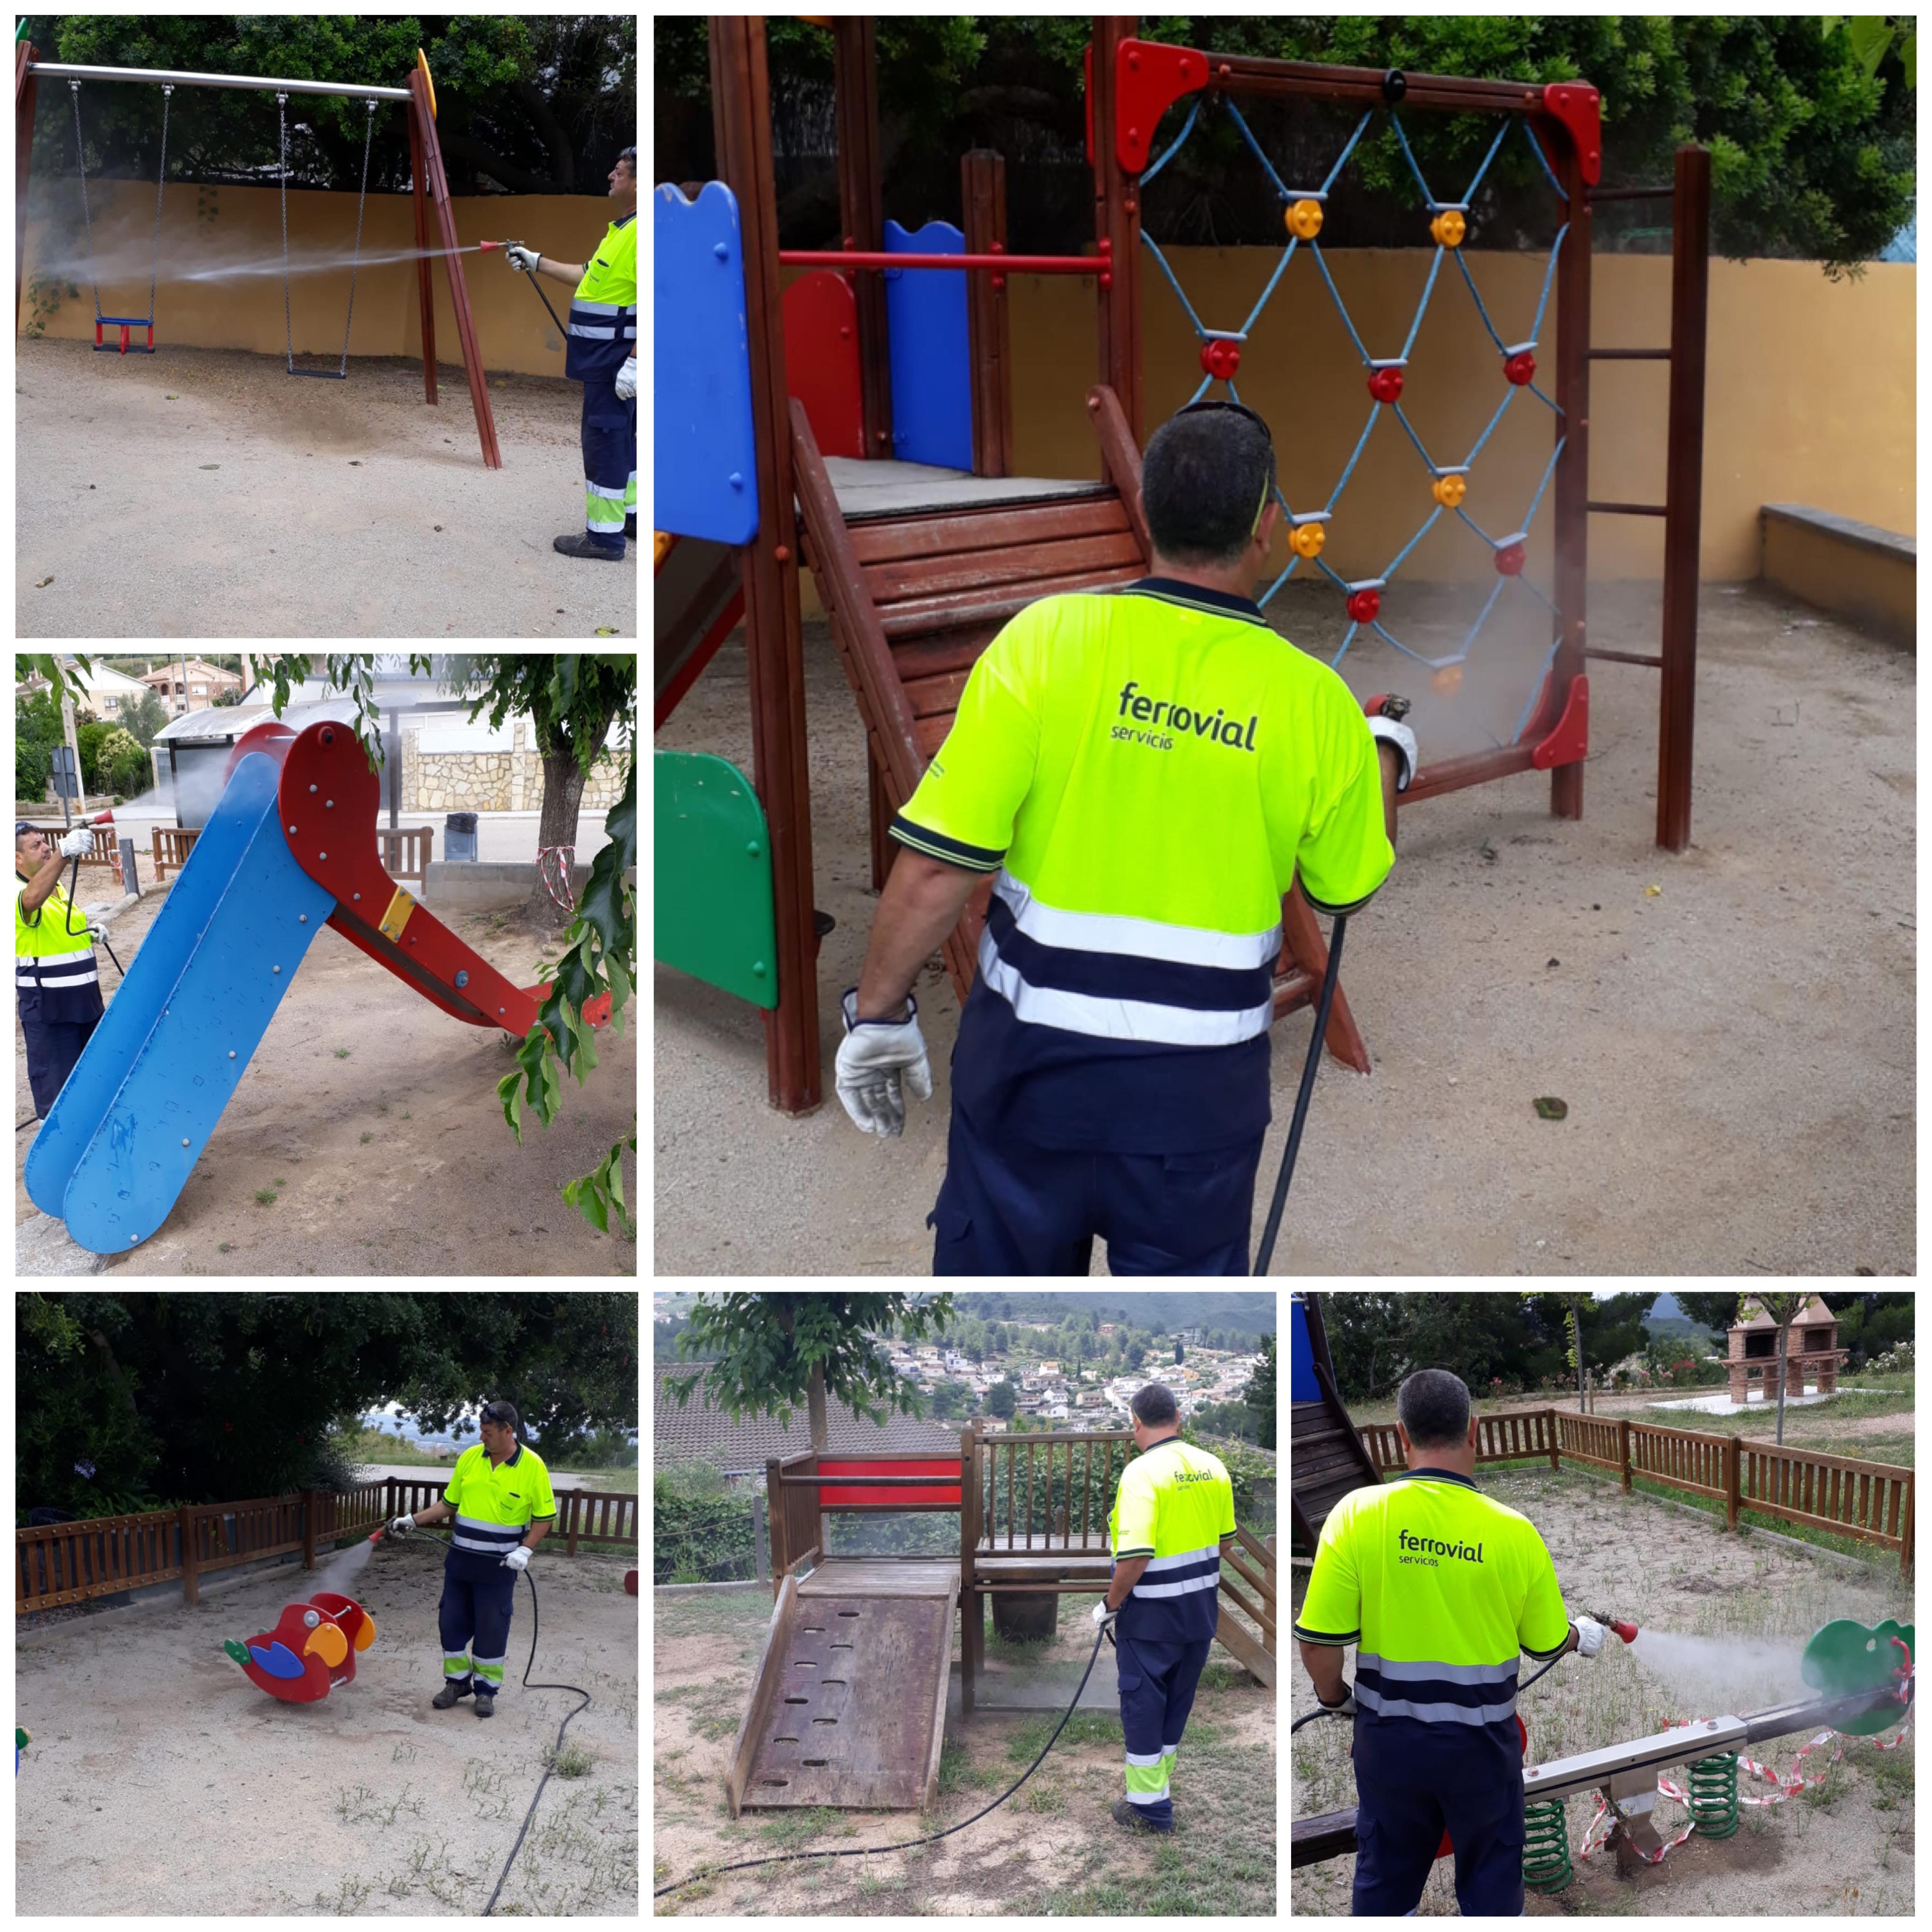 S'han desinfectat els parcs infantils del municipi i diumenge s'obriran al públic